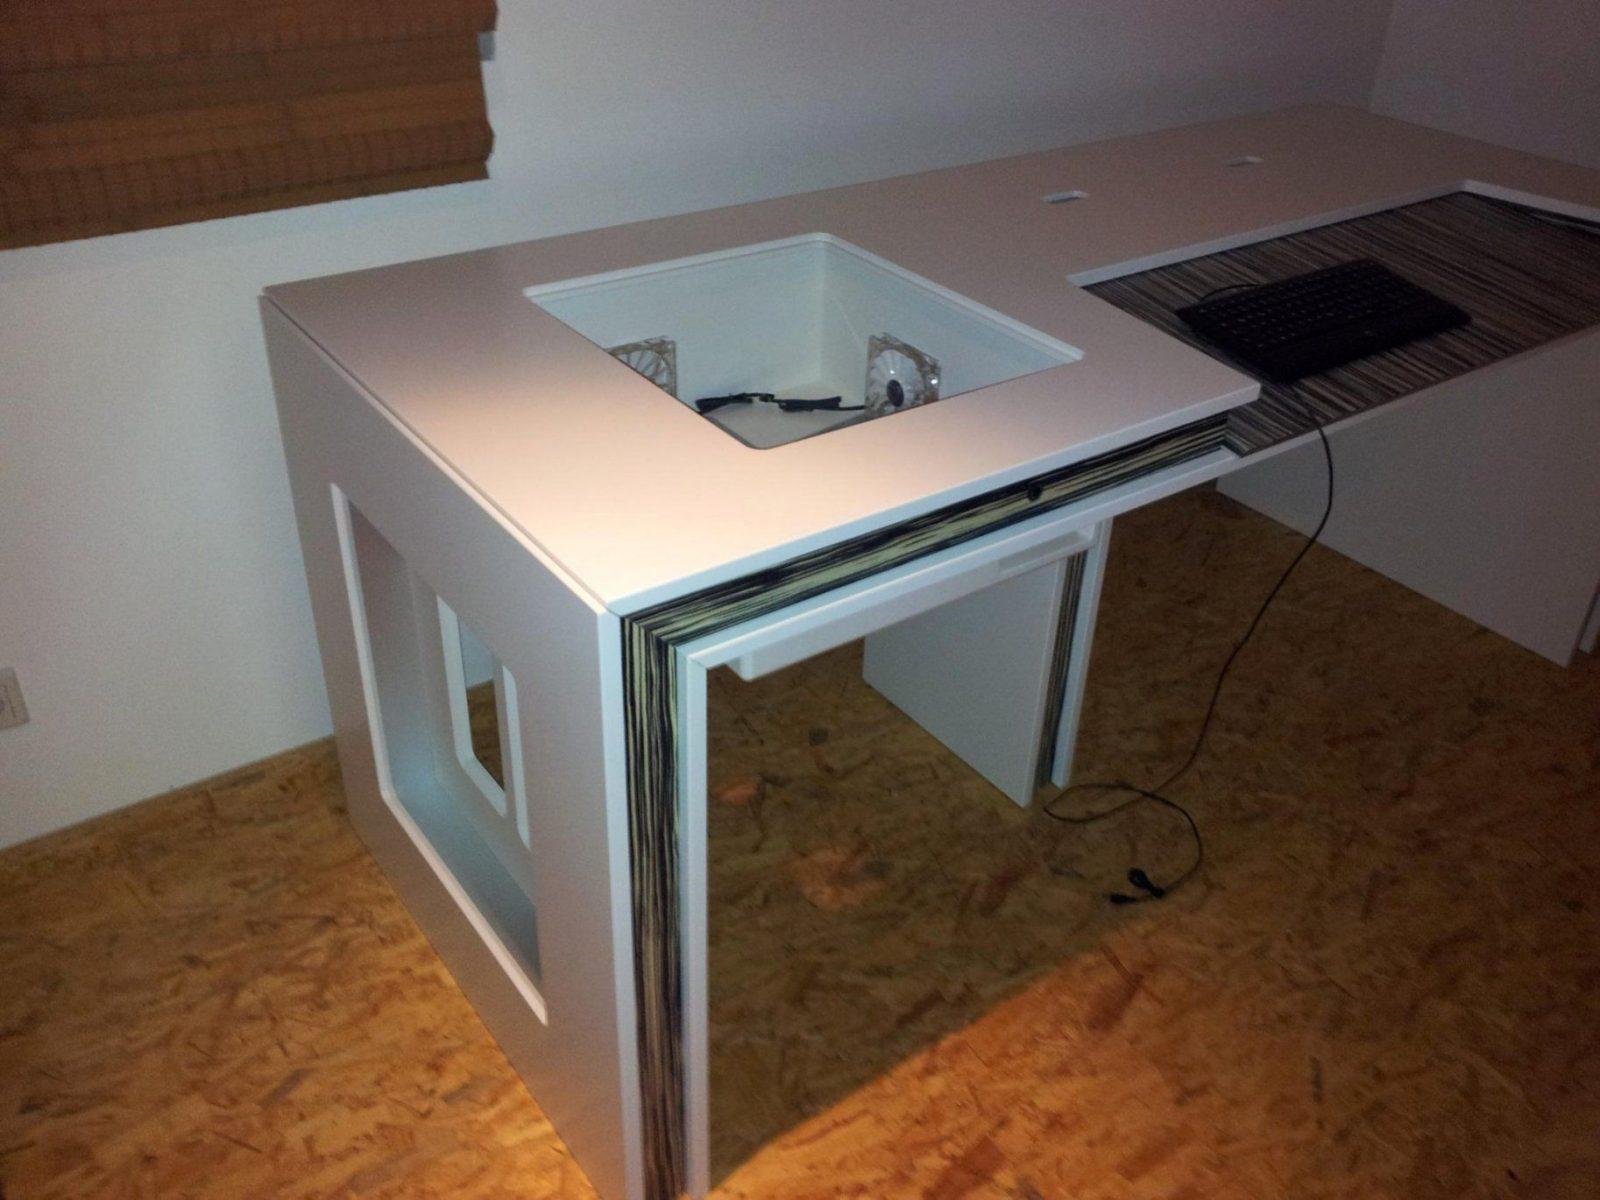 Schön Selbst Gebauter Puter Tisch Pc Im Tisch Puterbase Forum Für Pc von Pc Im Tisch Selber Bauen Bild